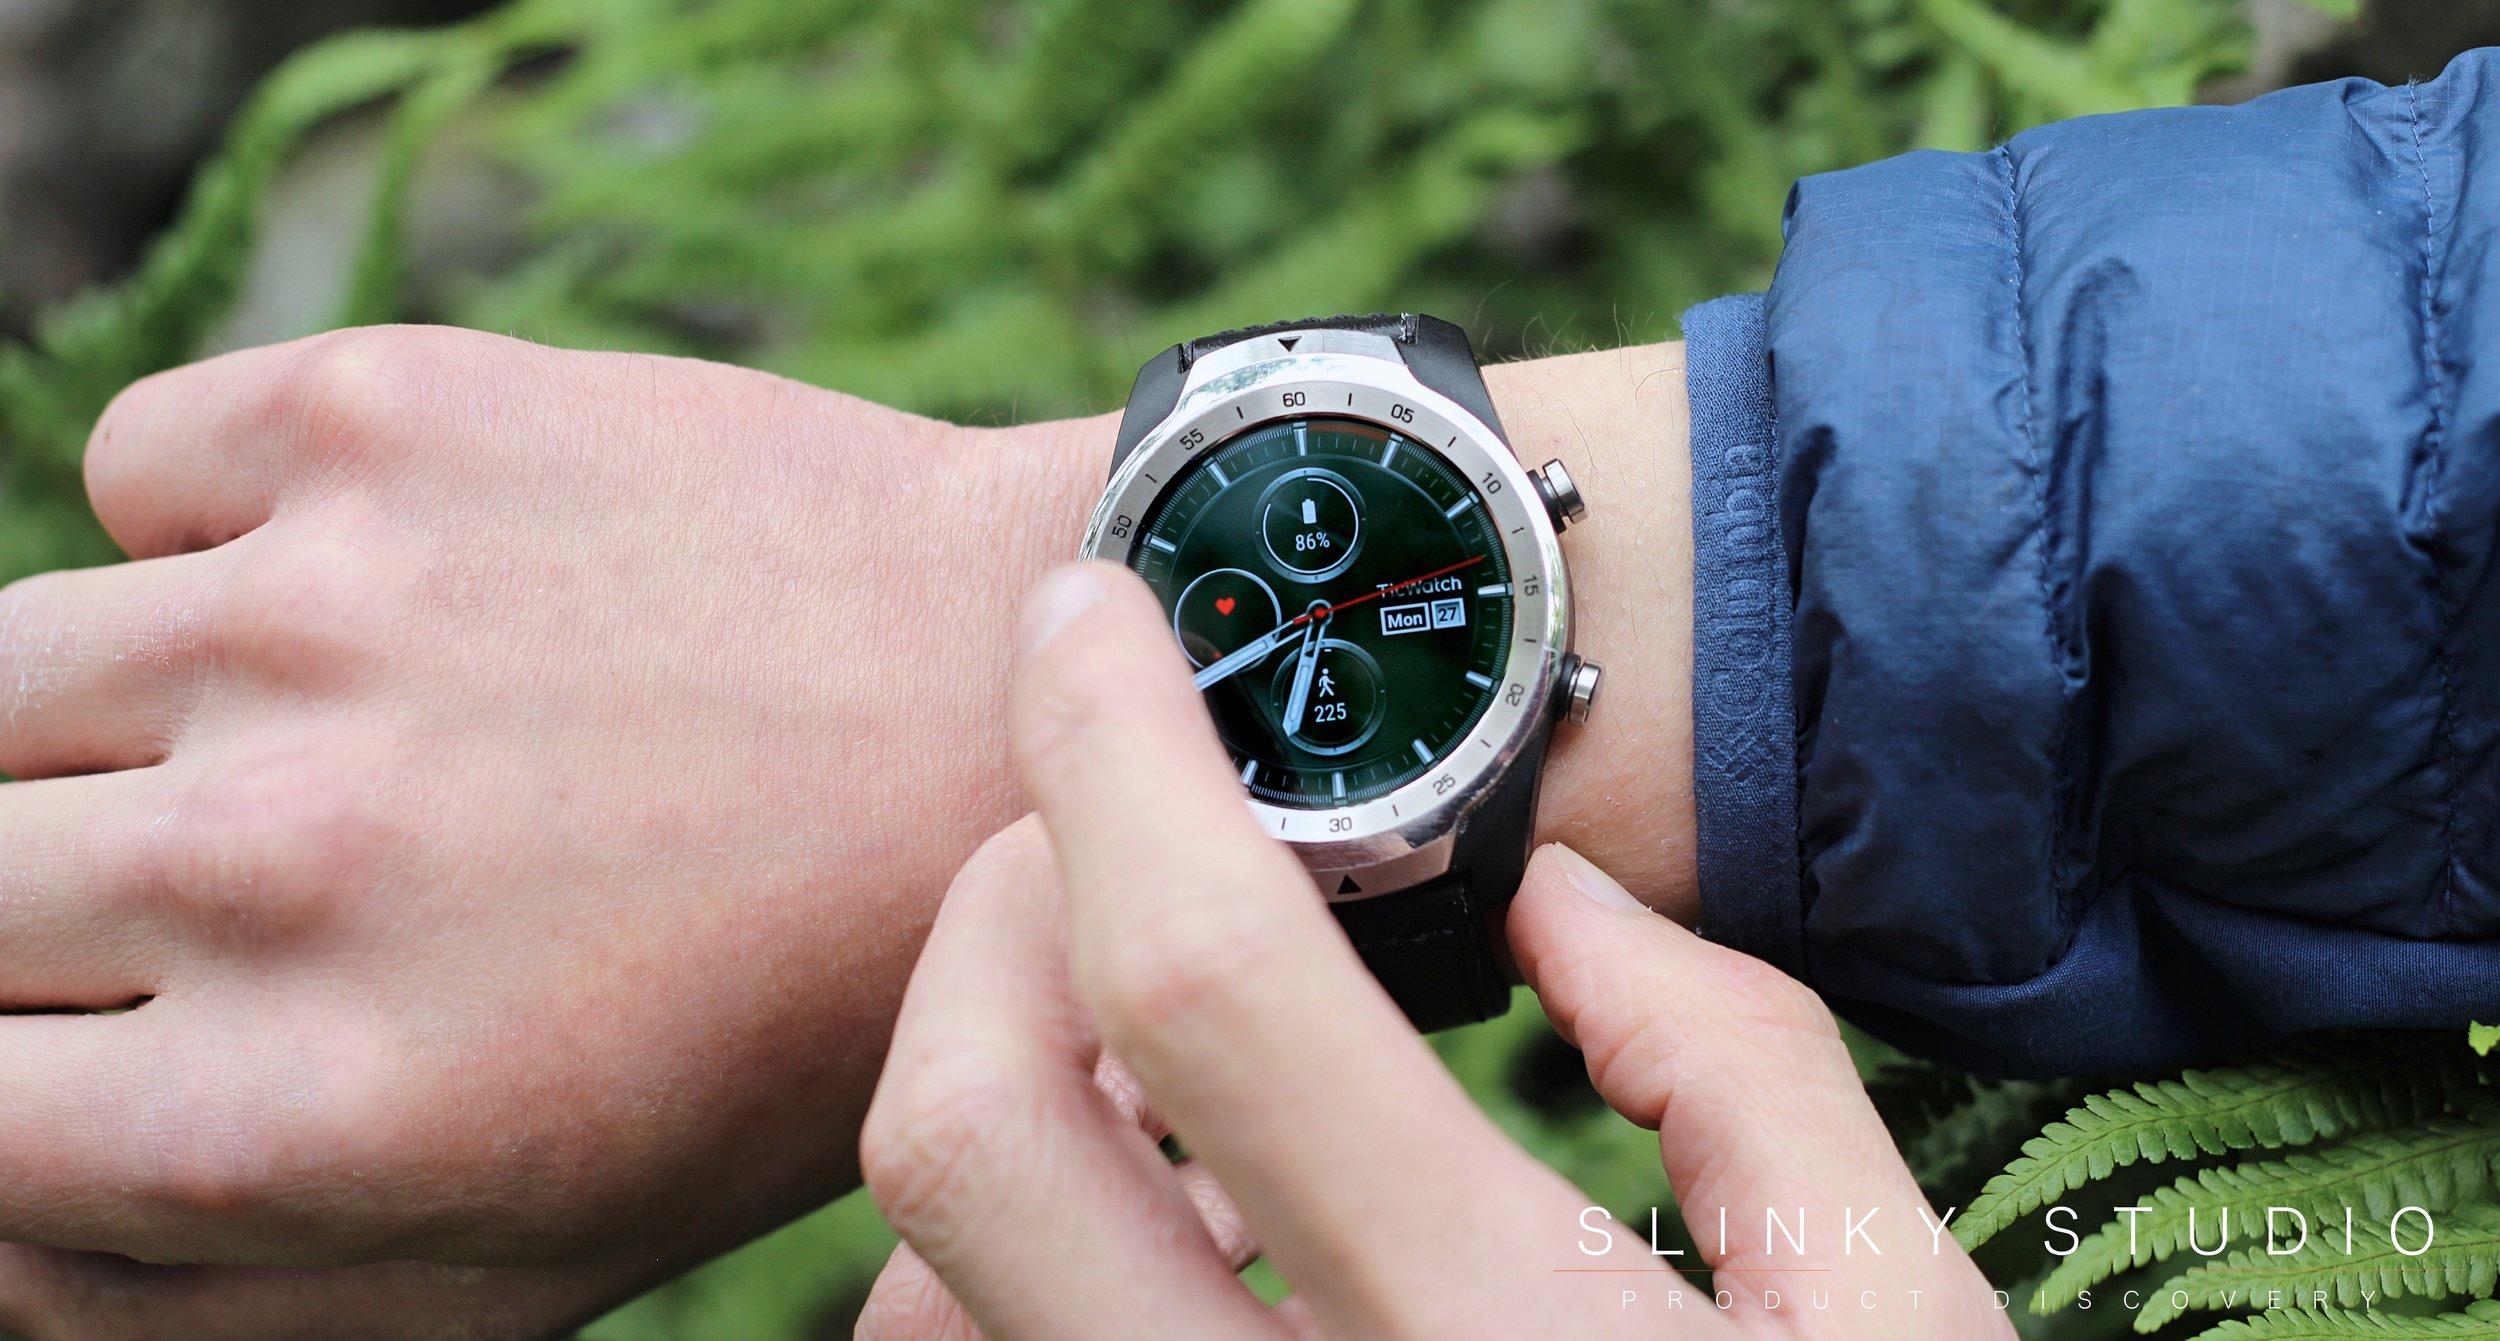 TicWatch Pro Google Wear Smartwatch In Use.jpg